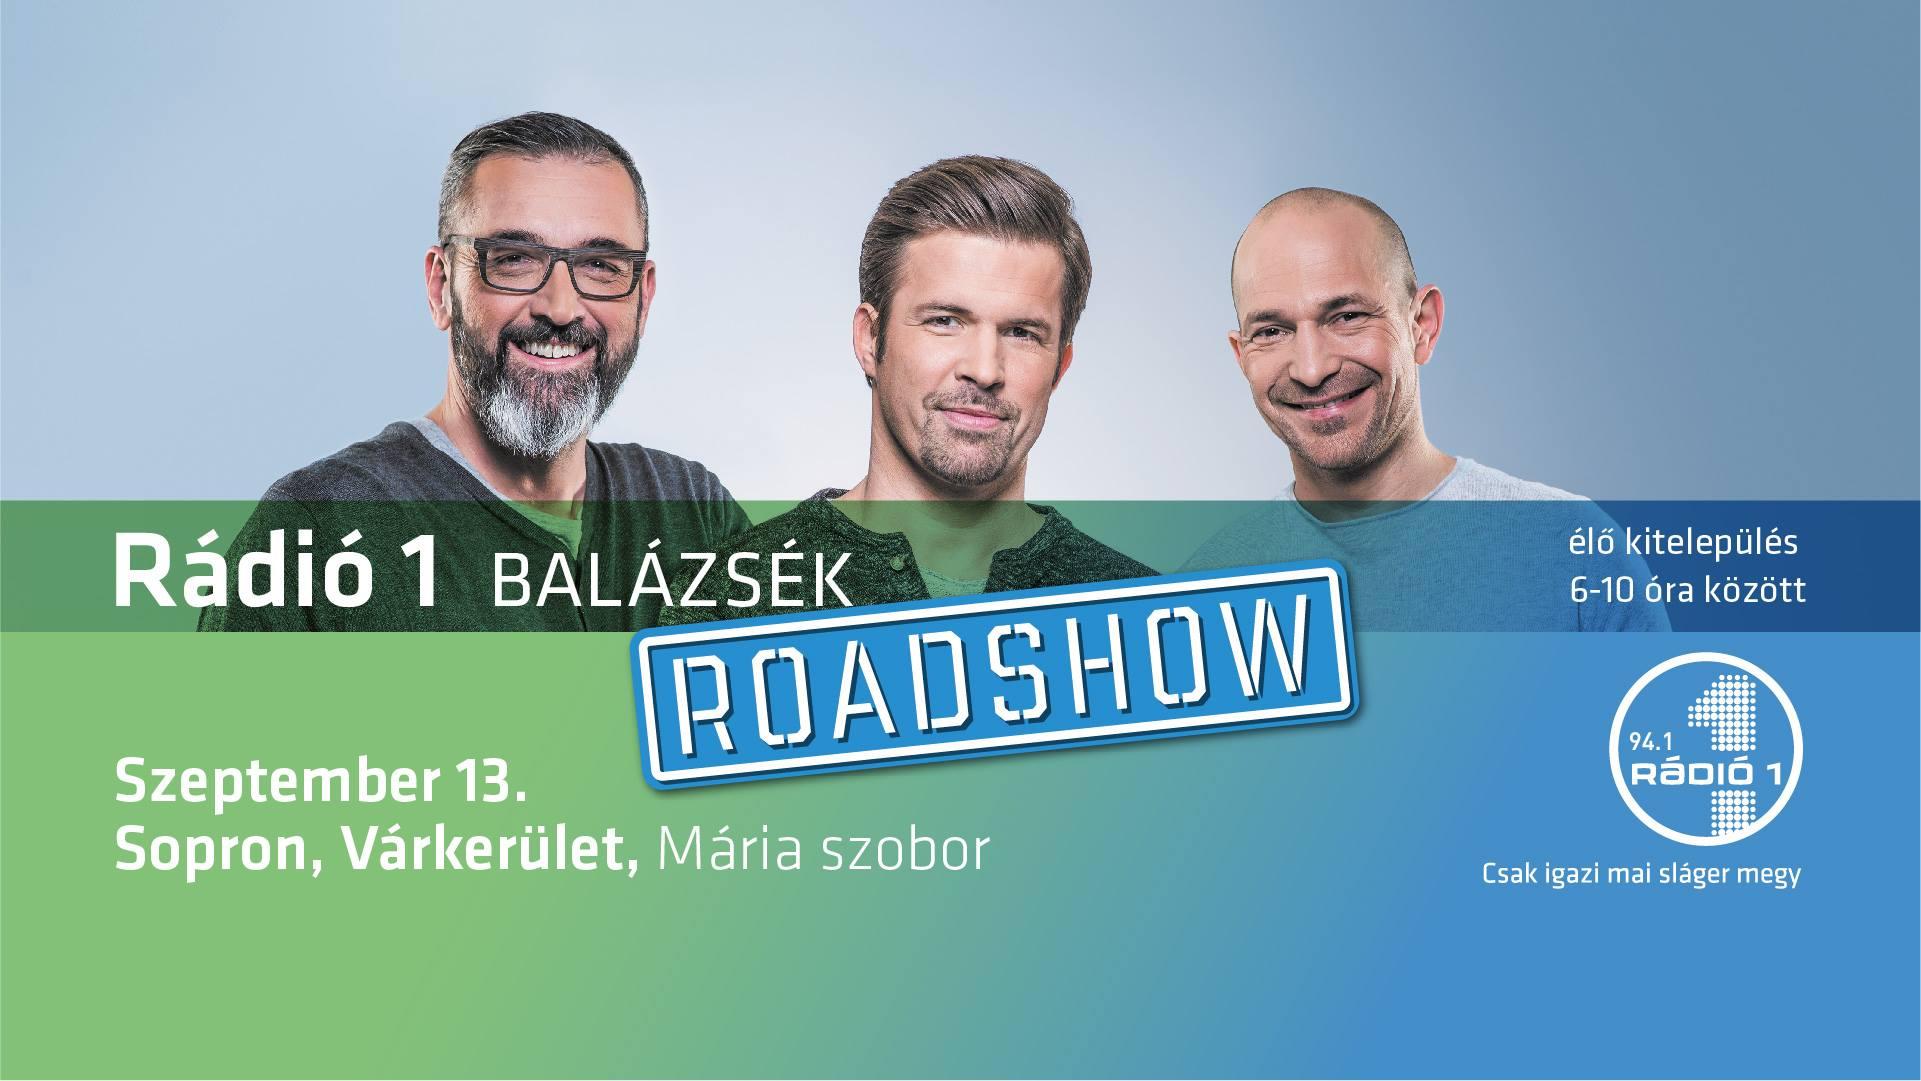 rádió1 roadshow